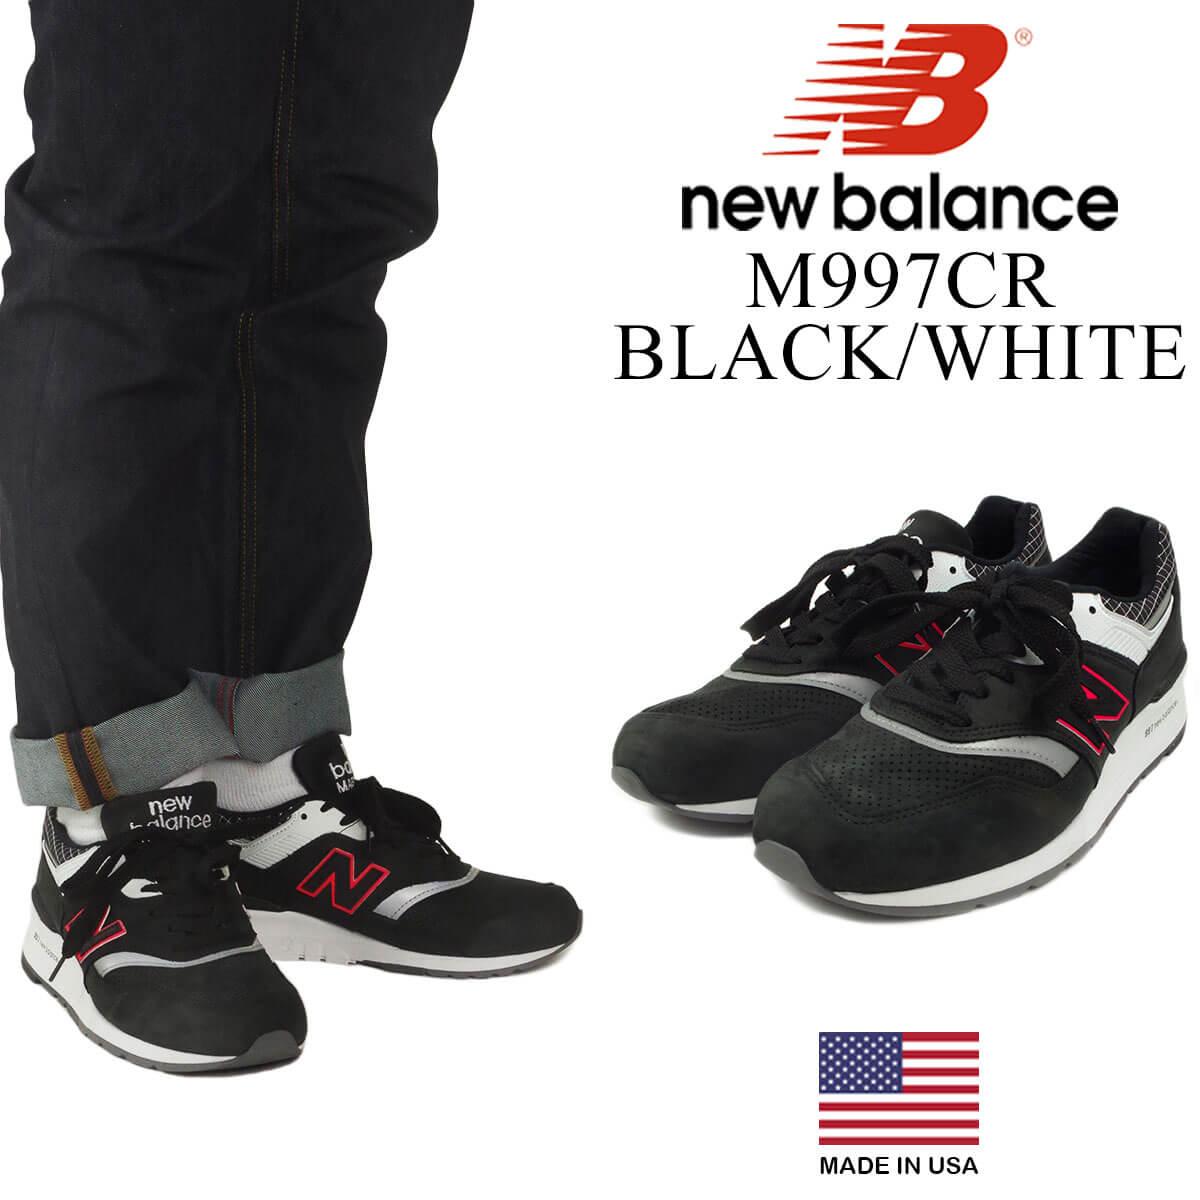 ニューバランス new balance M997CR ブラック/ホワイト (米国製 日本未発売 MADE IN USA アメリカ製)